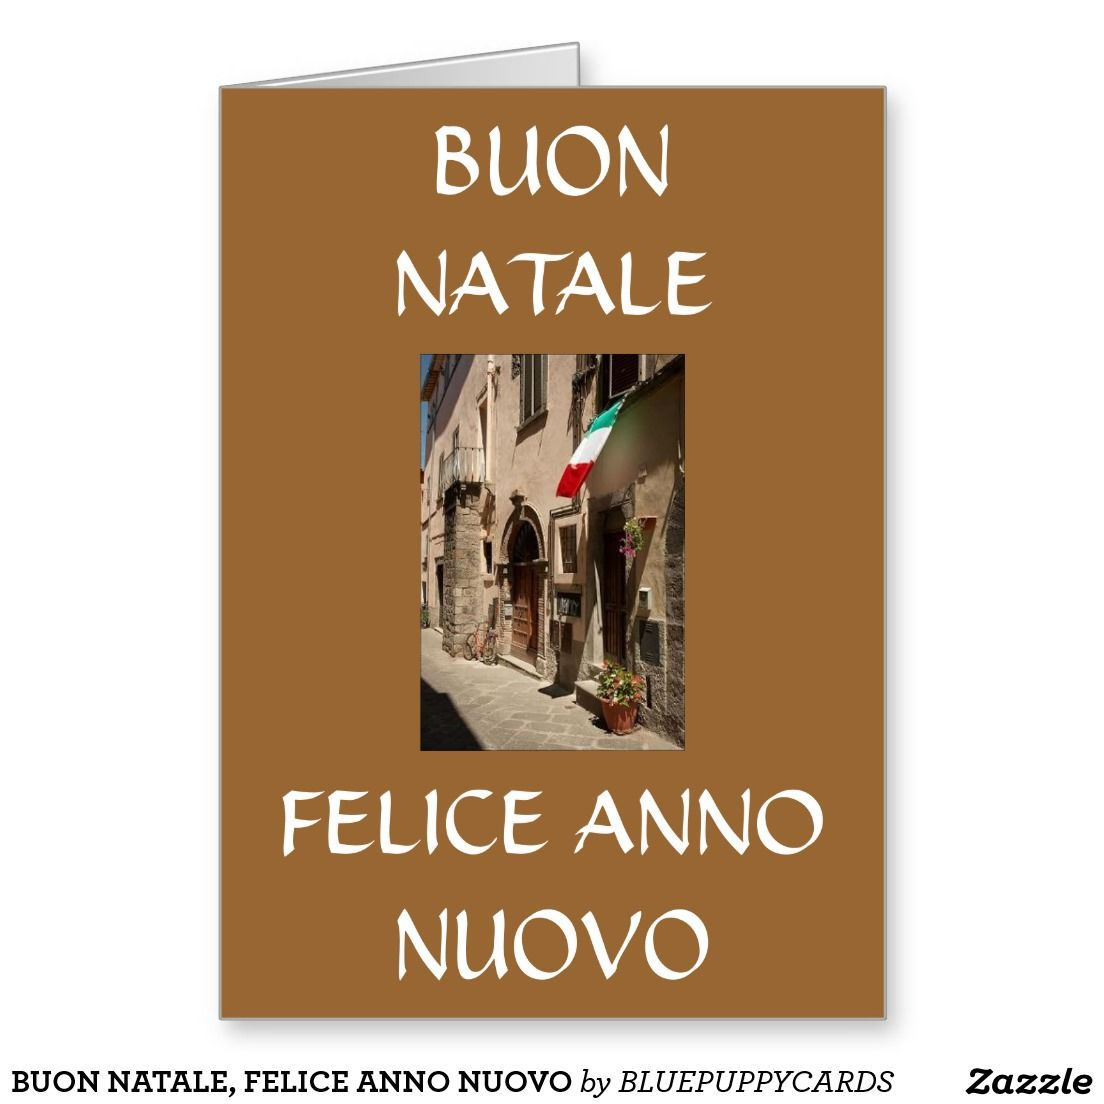 BUON NATALE, FELICE ANNO NUOVO GREETING CARD